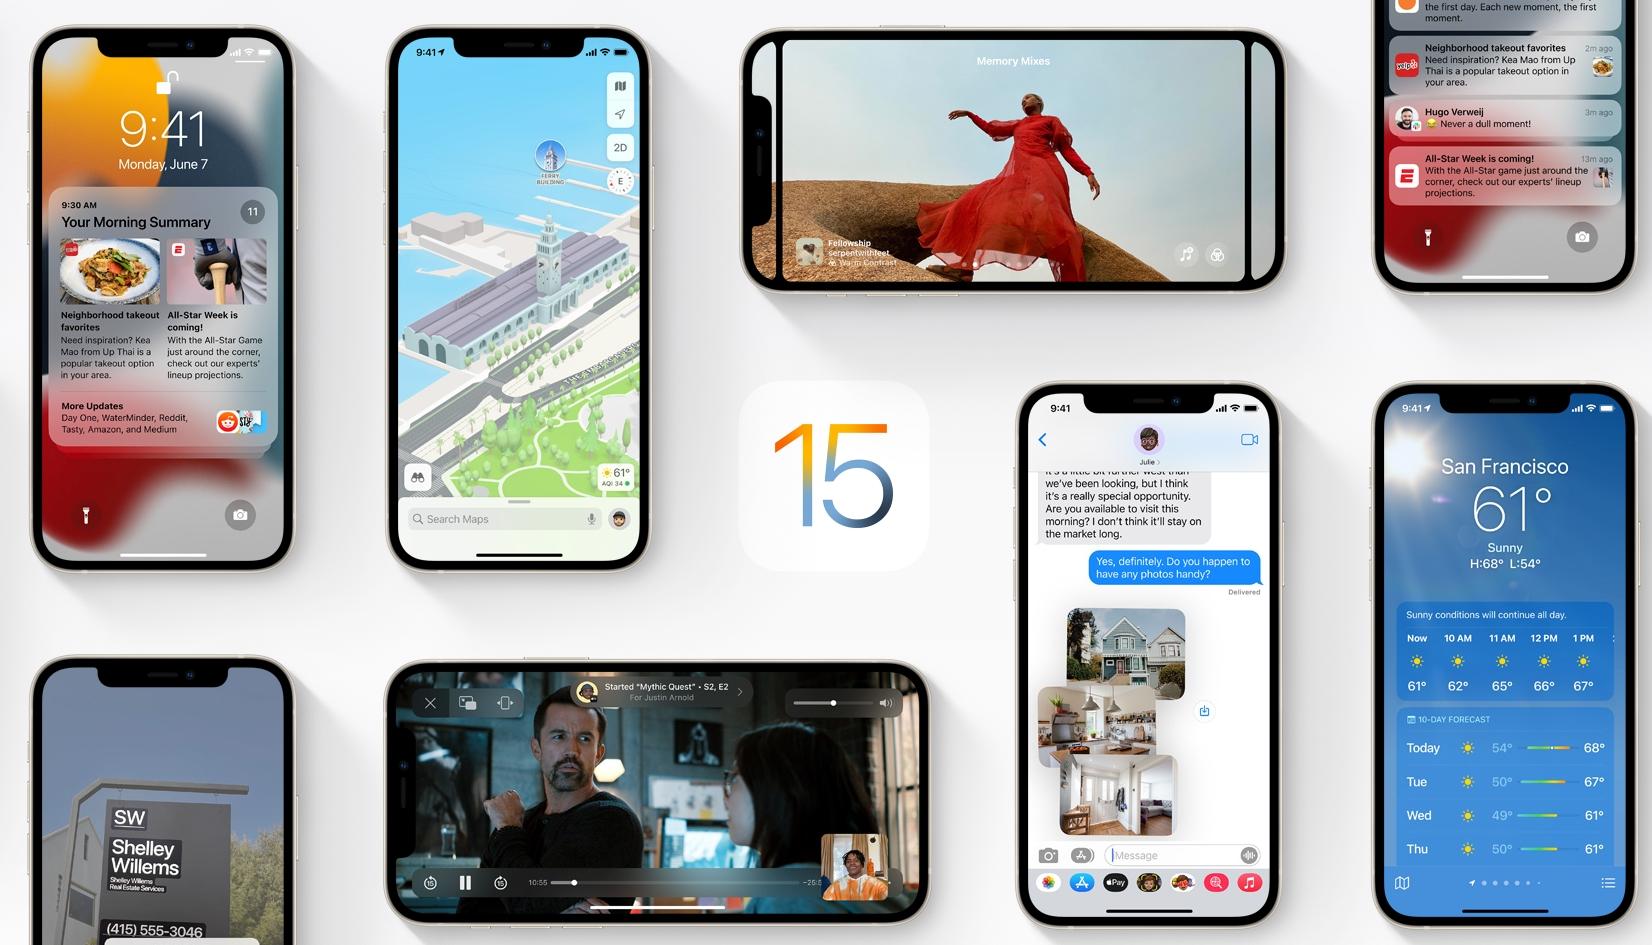 Apple не будет заставлять обновляться до iOS 15: пользователи iPhone с iOS 14 и дальше будут получать патчи безопасности